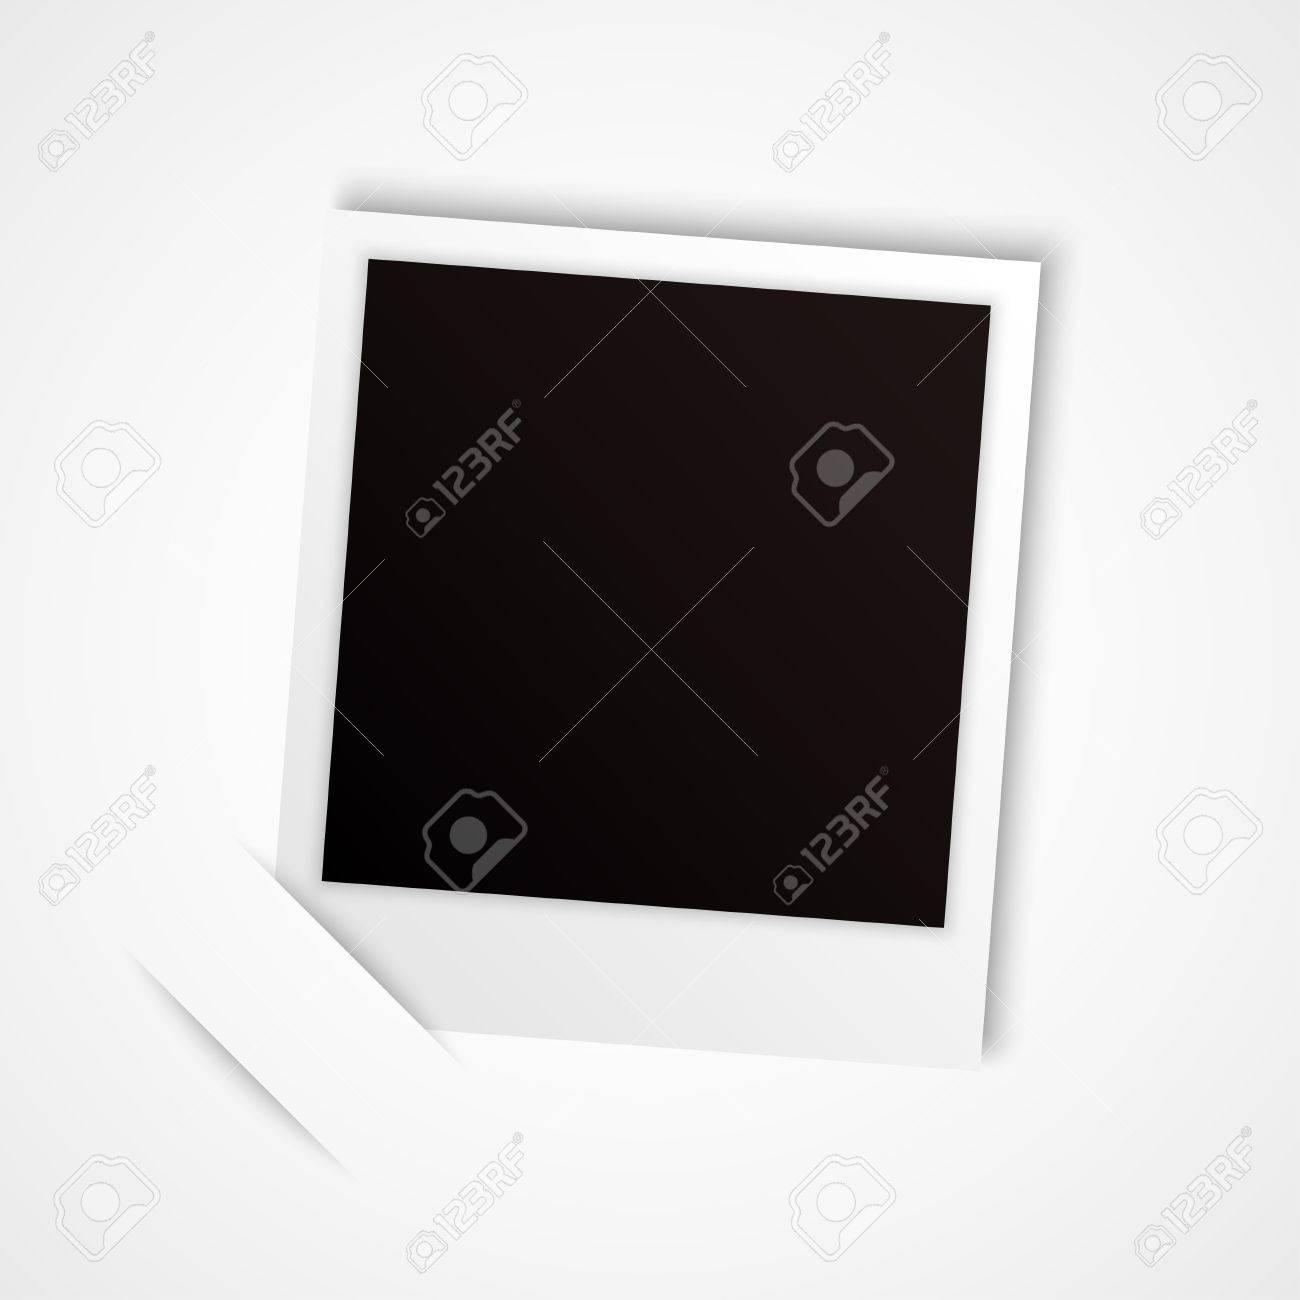 Bilderrahmen Für Ihr Objekt Vektor Lizenzfrei Nutzbare ...